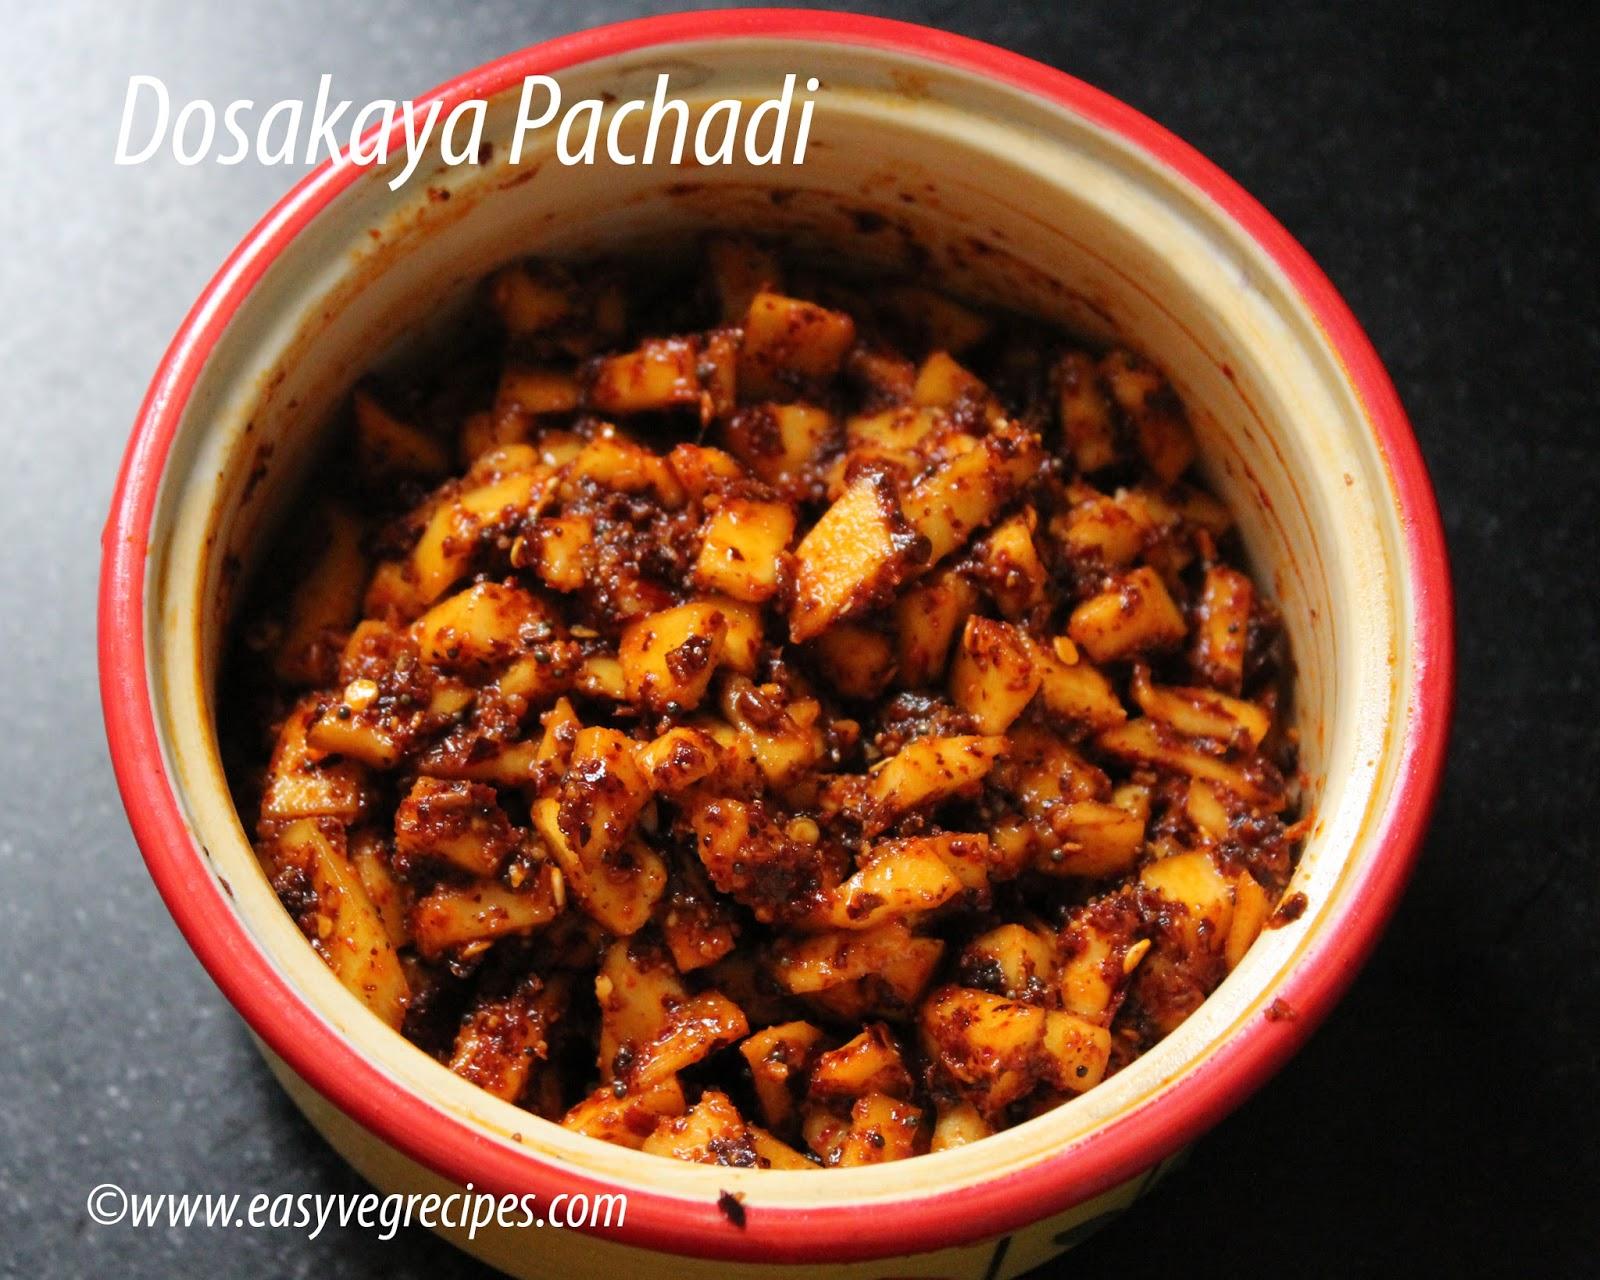 Dosakaya Pachadi